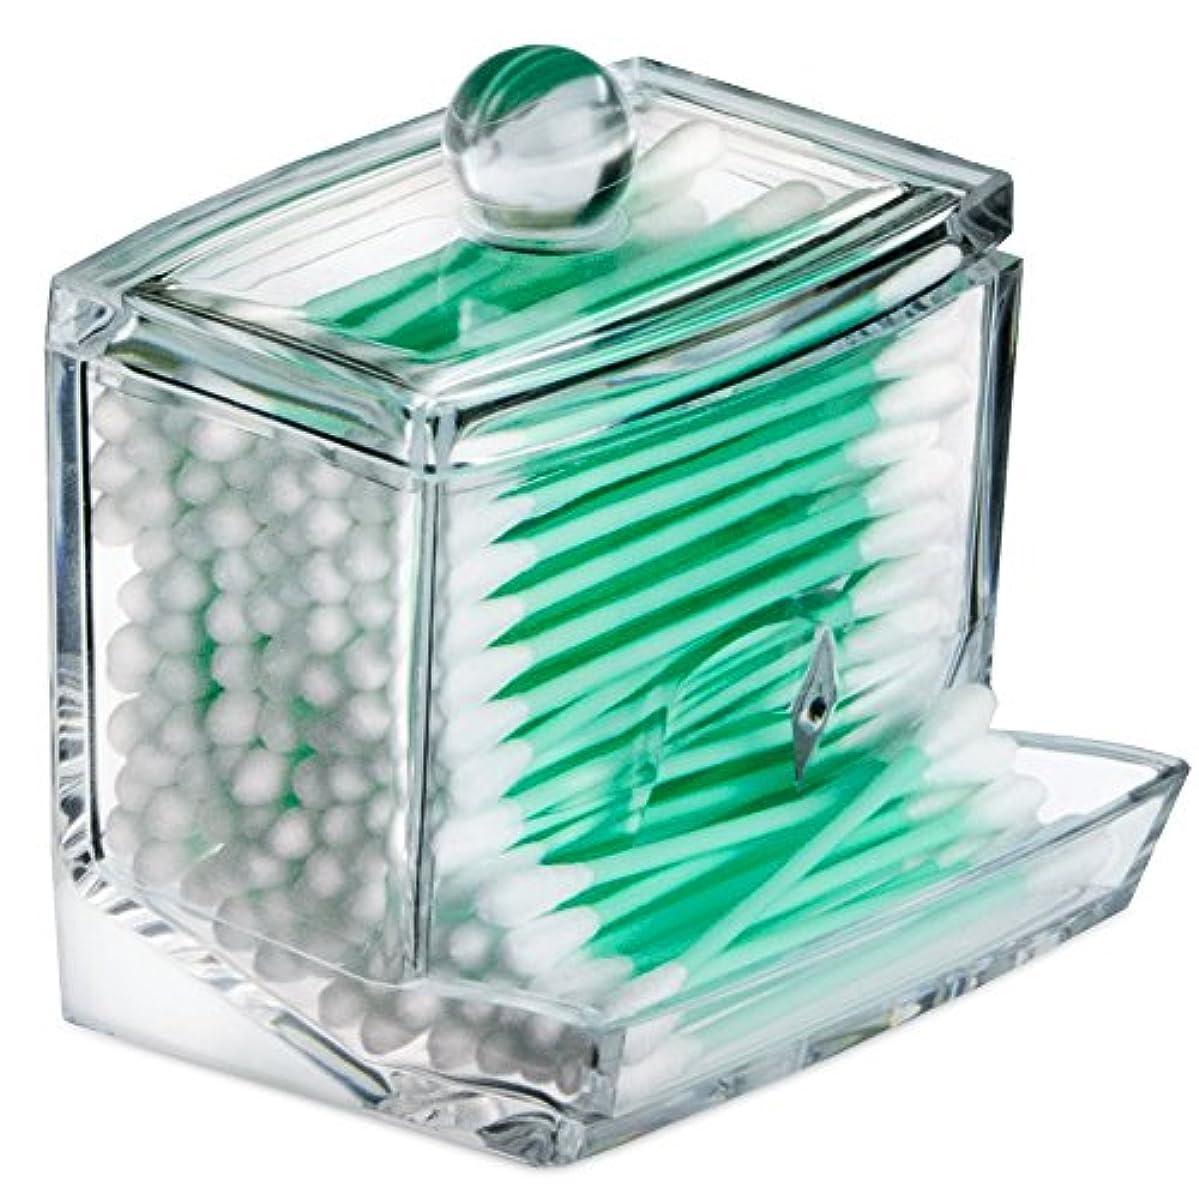 膨らみ欠乏上昇STARMAX 棉棒ボックス 透明 アクリル製 フタ付き 防塵 清潔 化粧品小物 収納ケース 綿棒入れ 小物入れ 化粧品入れ コスメボックス (9cm*7cm*7.5cm)